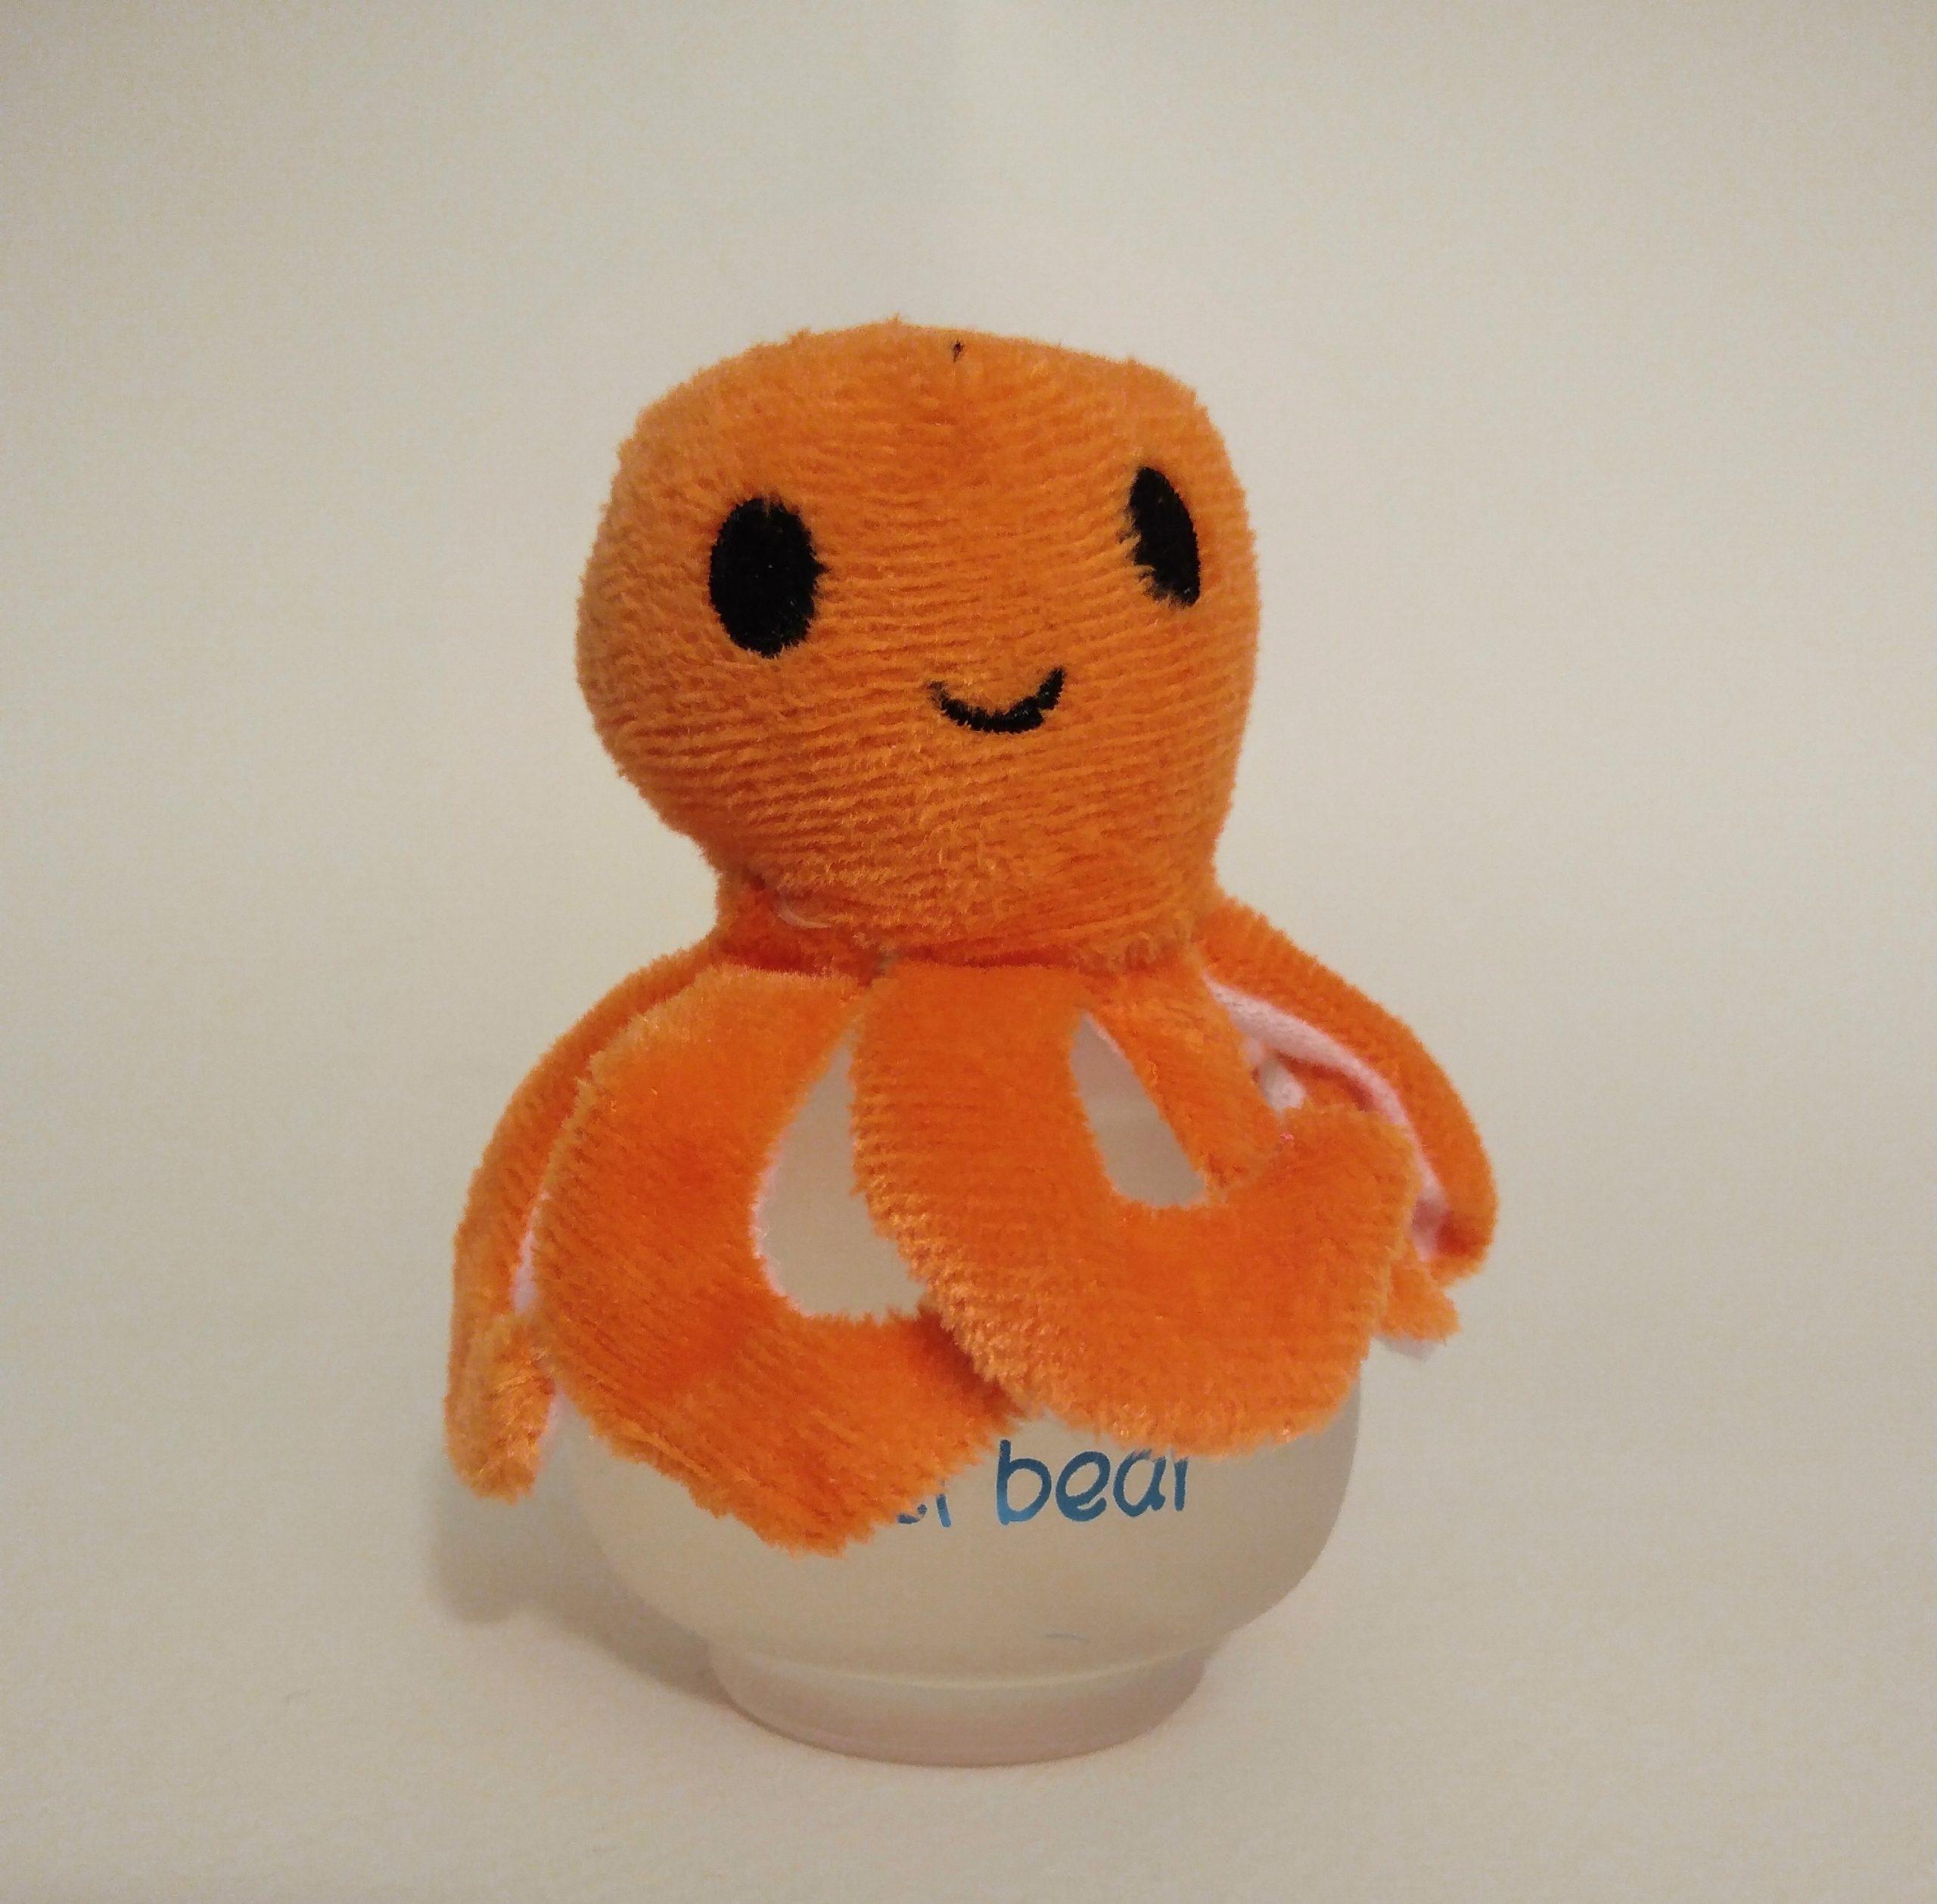 ادکلن کودک beibei bear - هشت پا نارنجی - کد 23-144